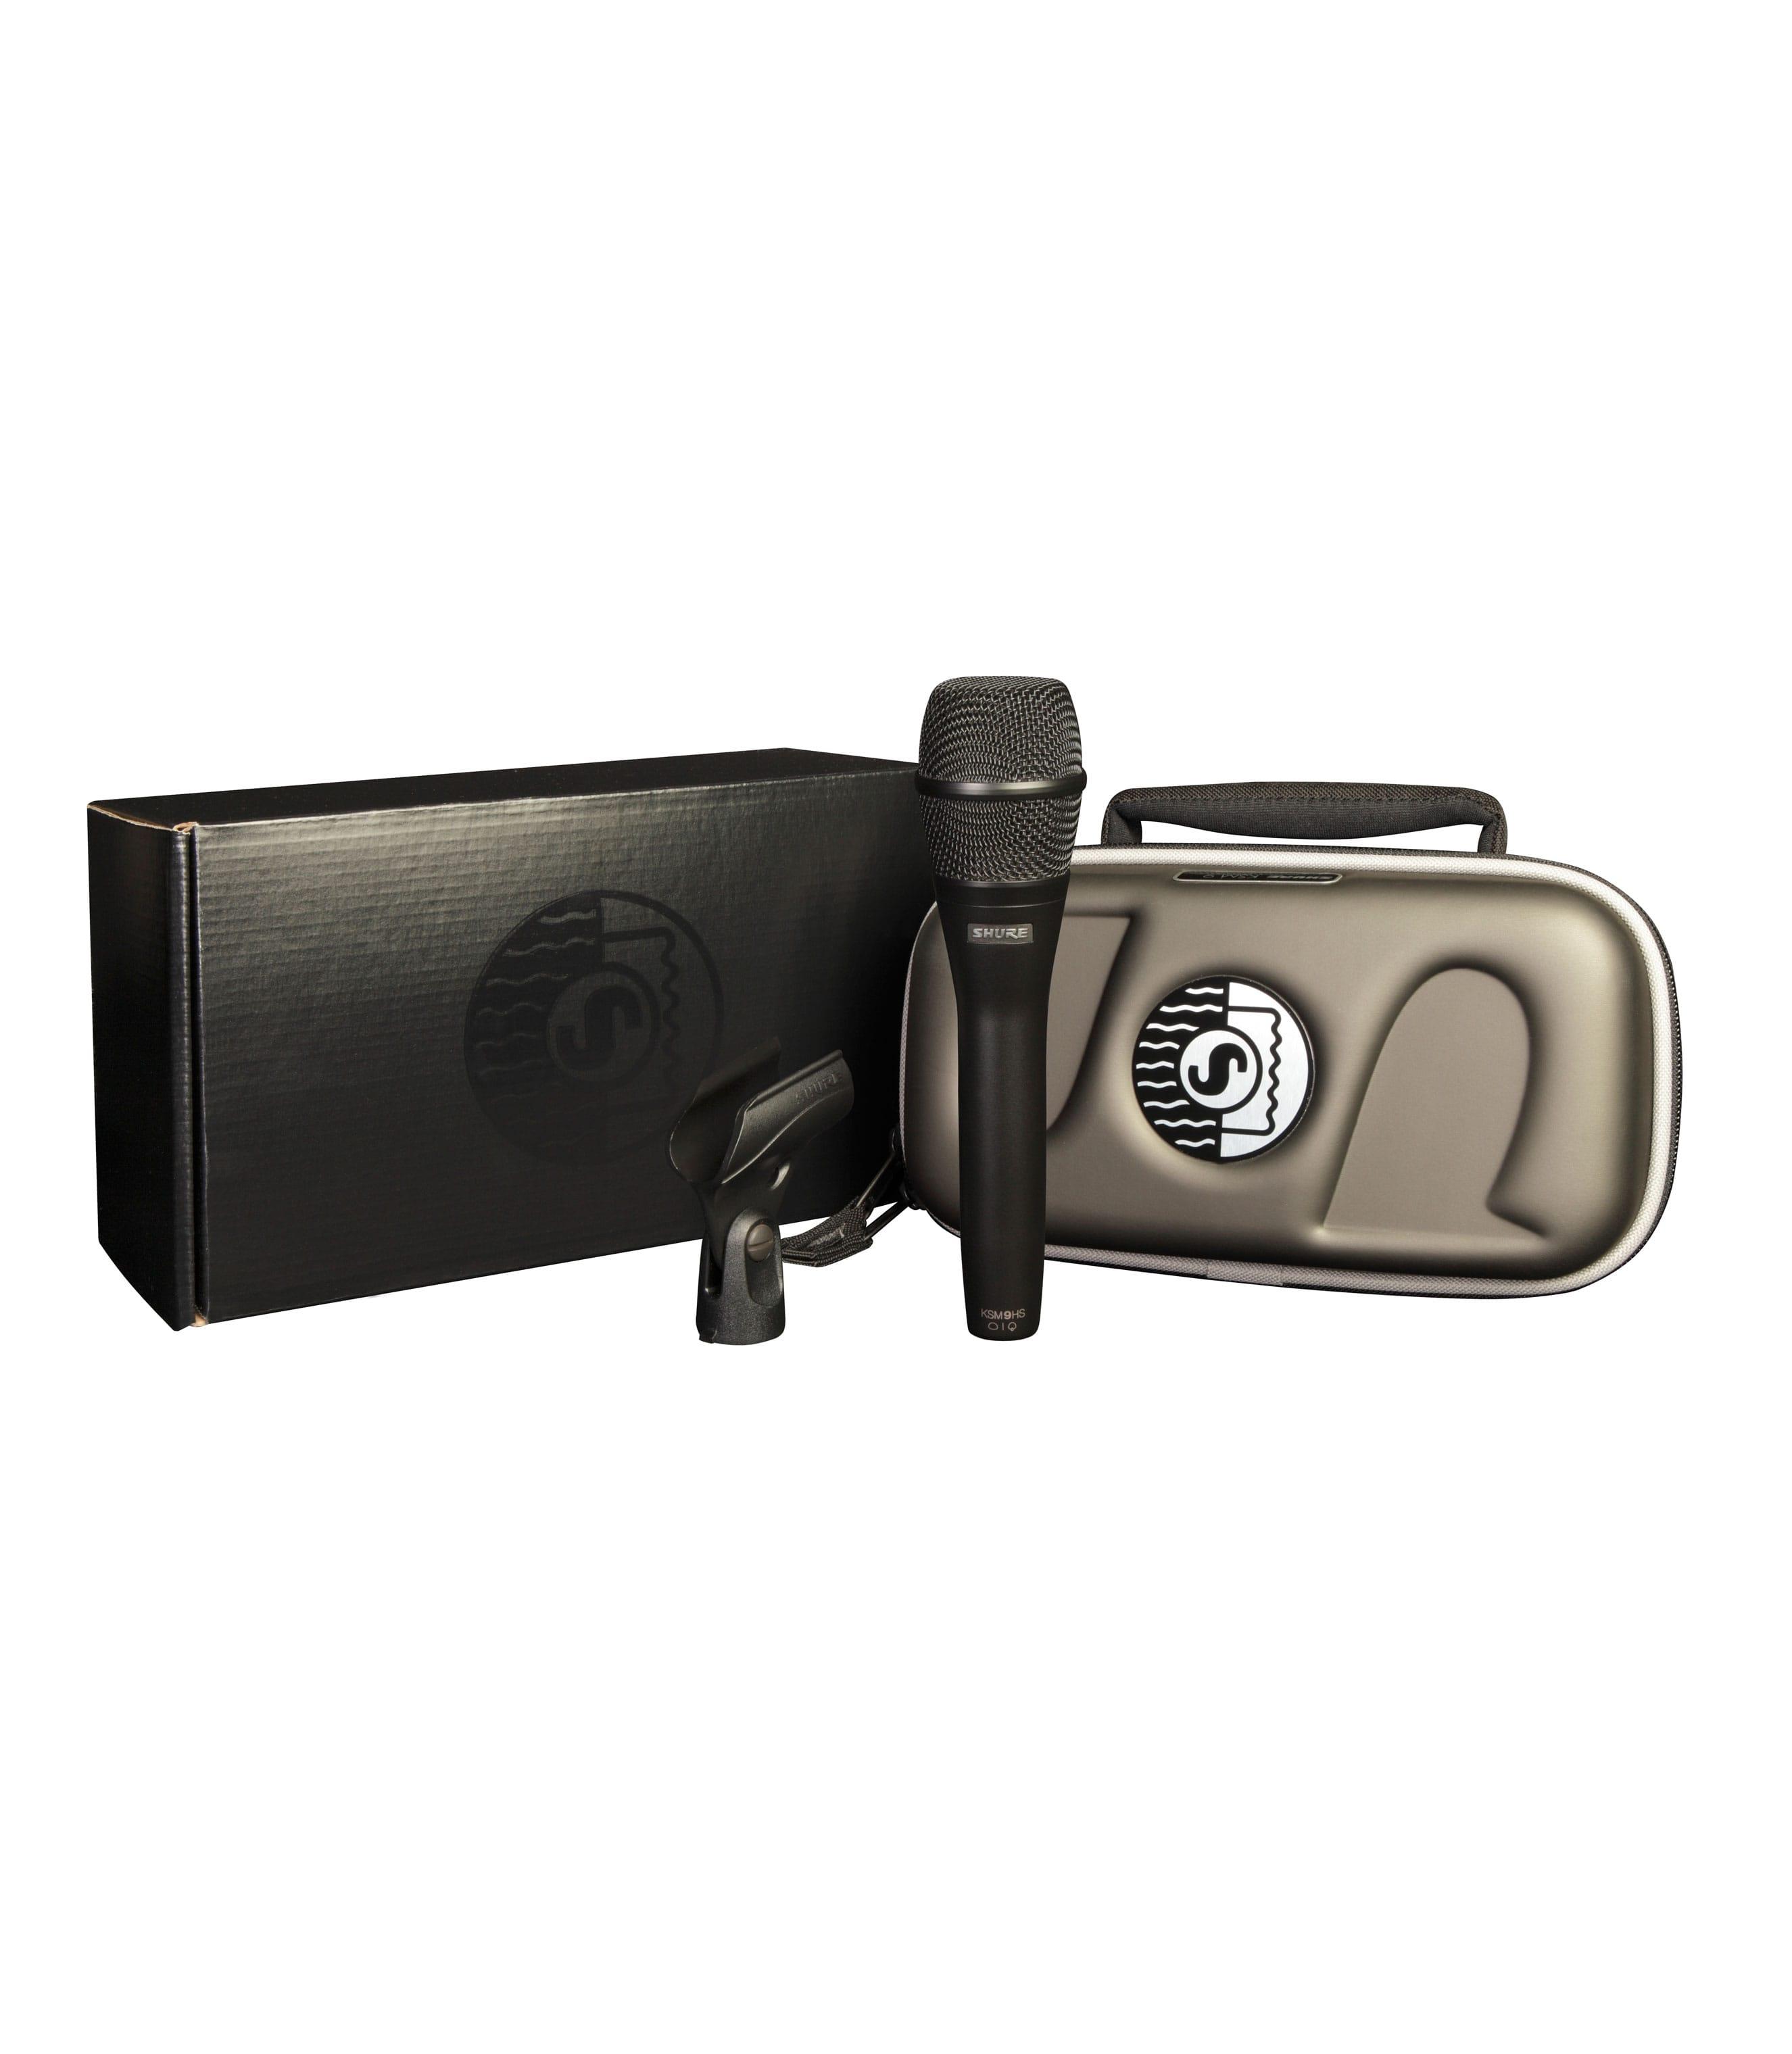 KSM9HS MICROPHONE BLACK - Buy Online